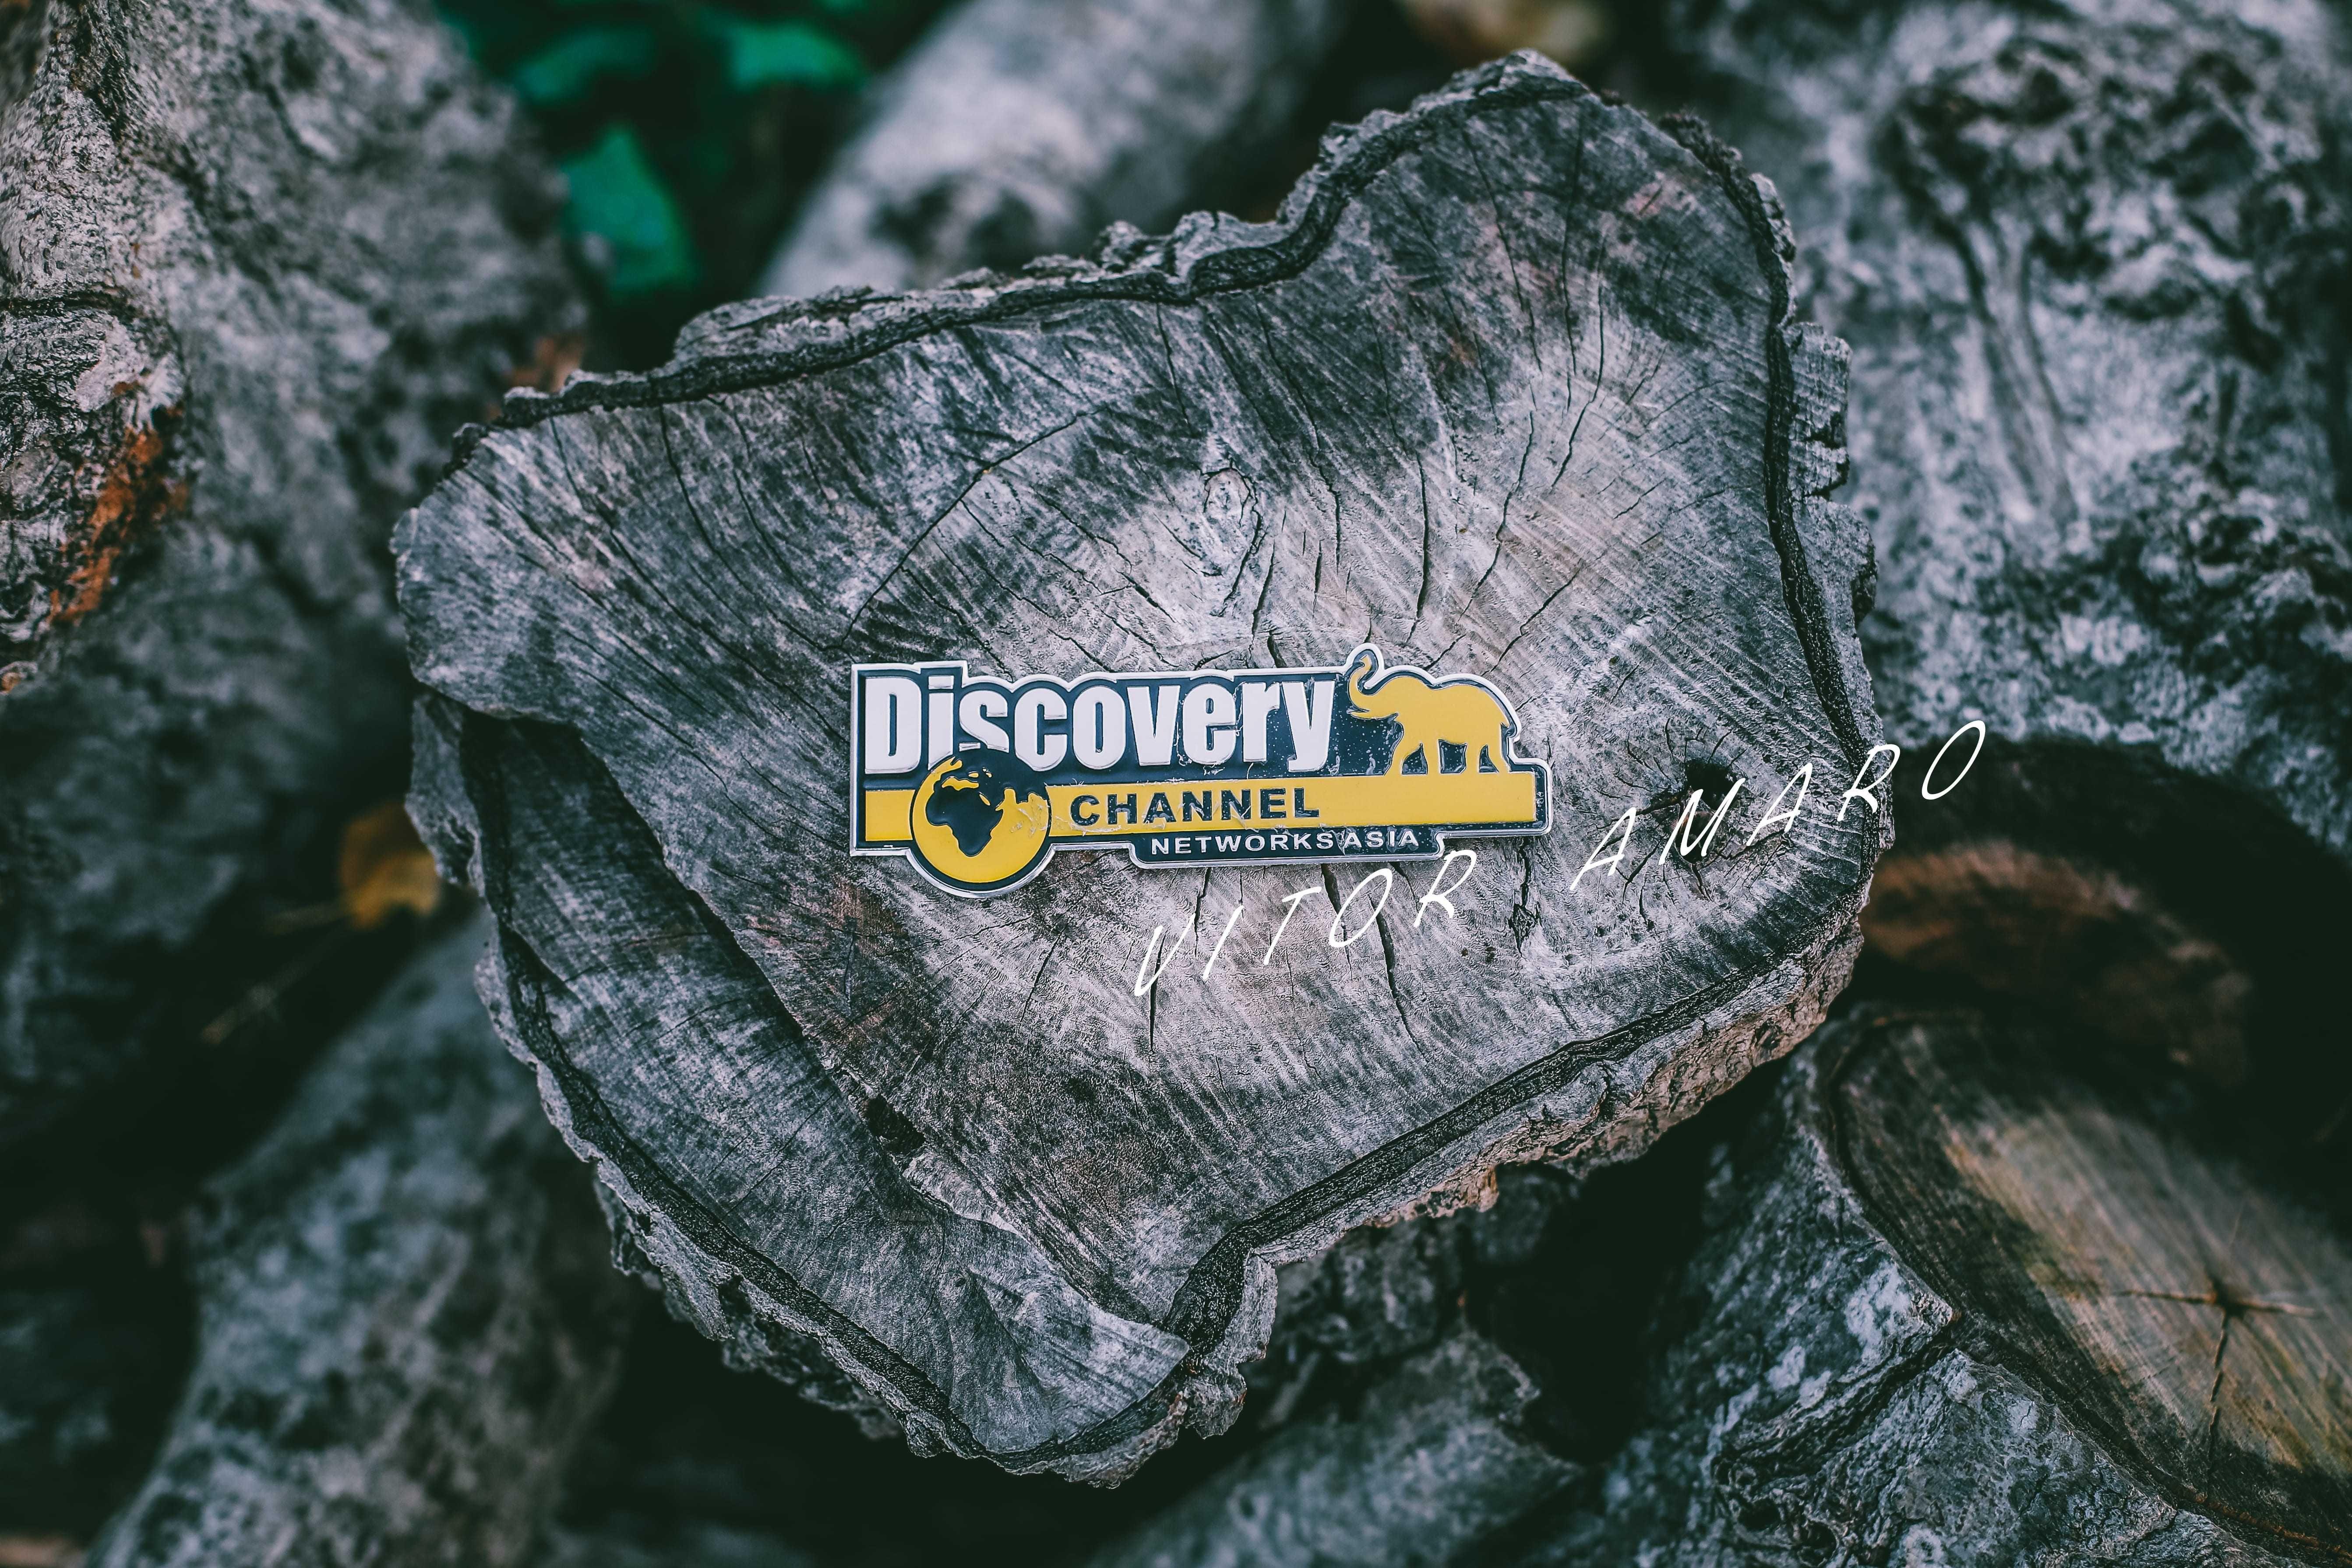 Simbolo Logo Discovery Channe Detalhe Interior Exterior  NOVO